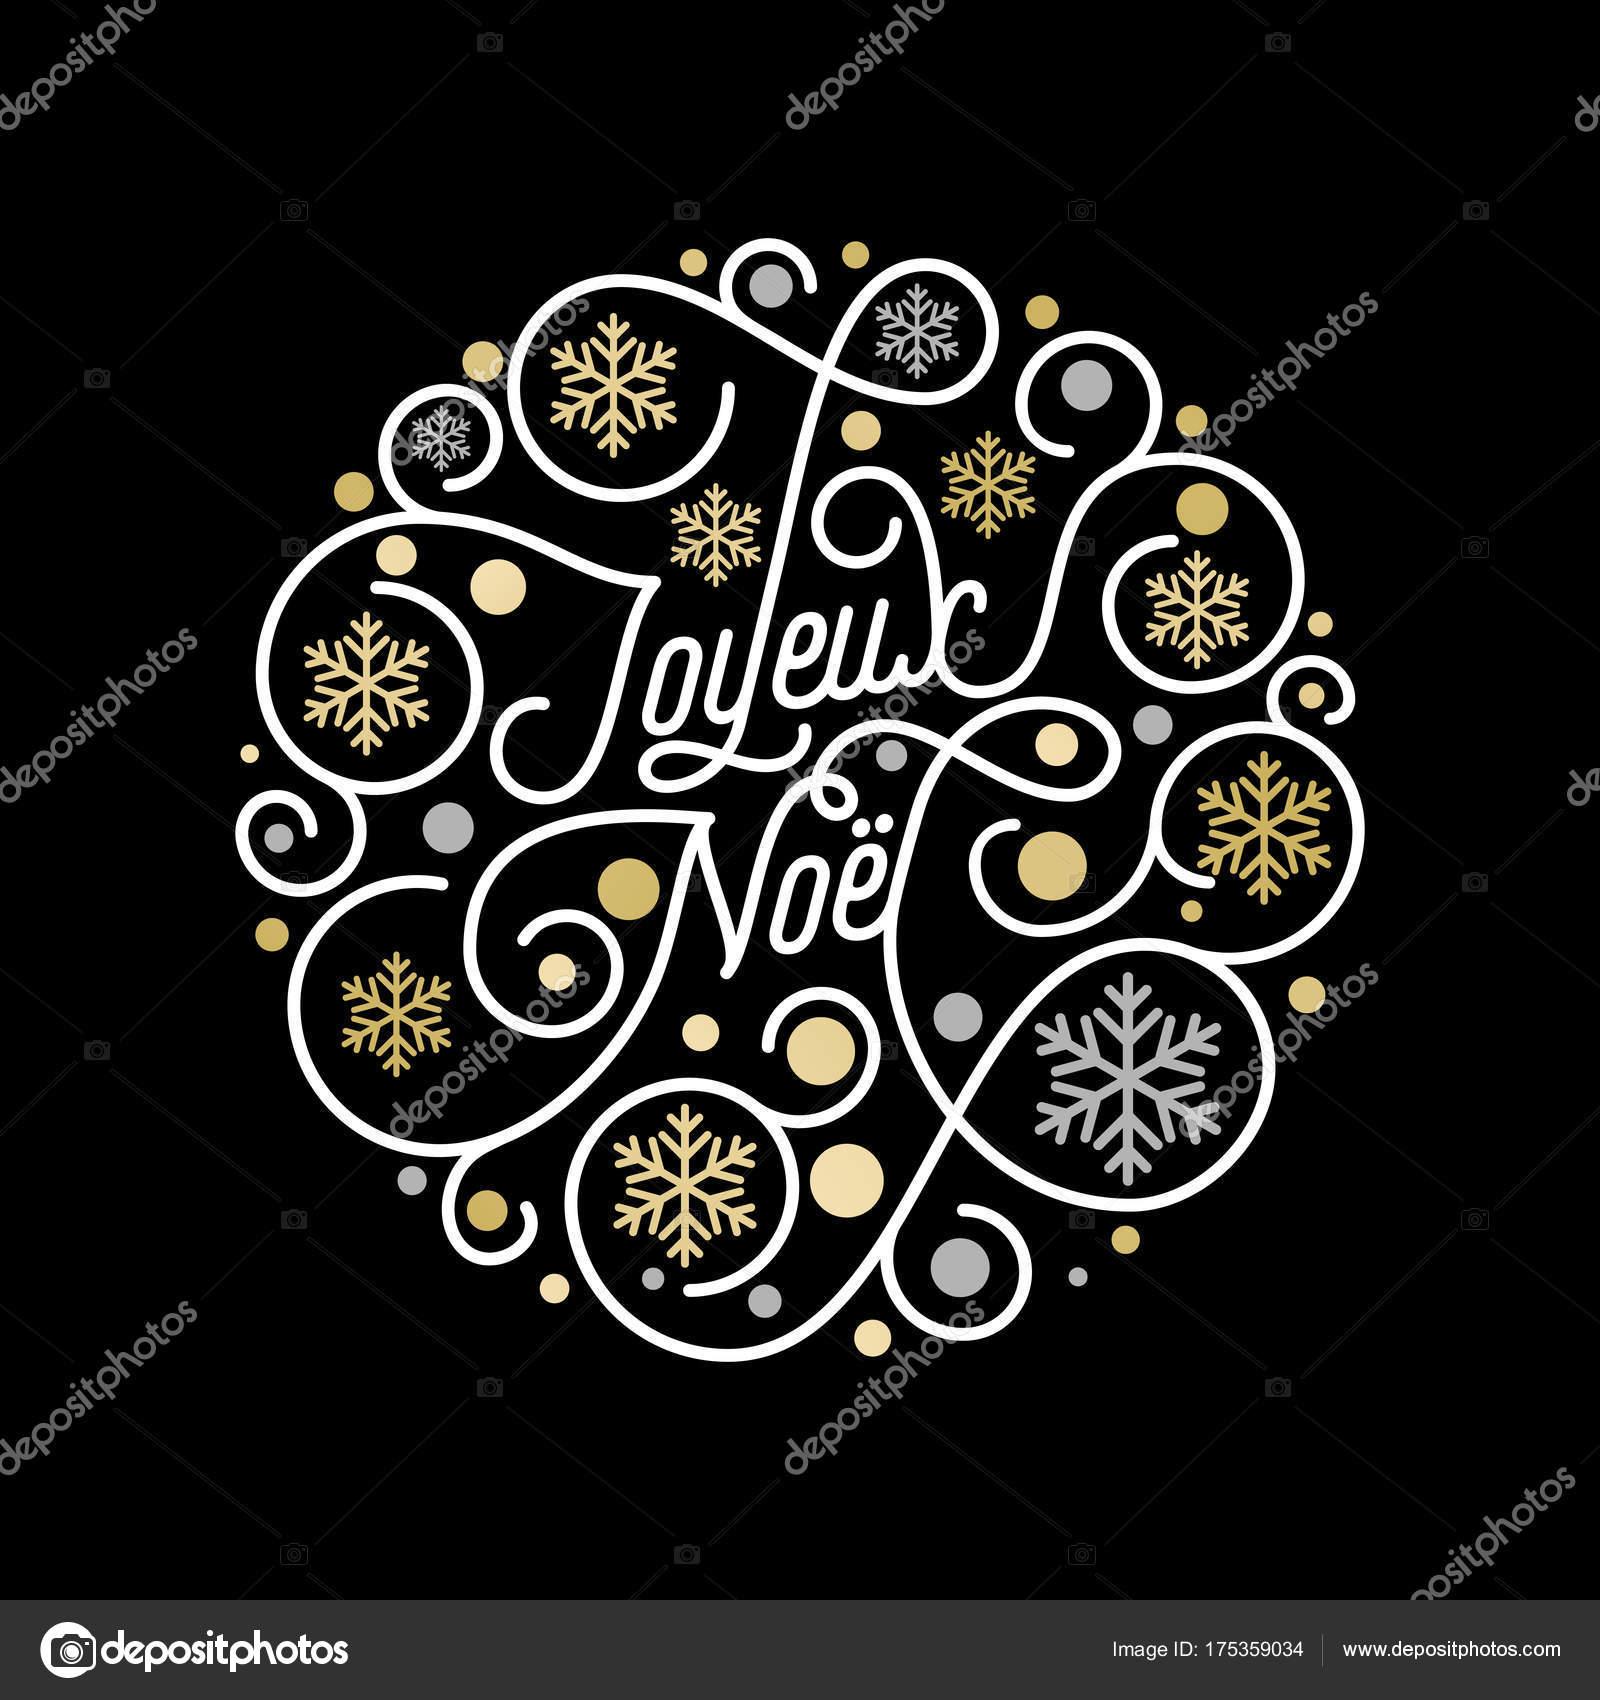 Joyeux Noel Francuski Wesołych świąt Kaligrafia Napis I Wzór Złoty